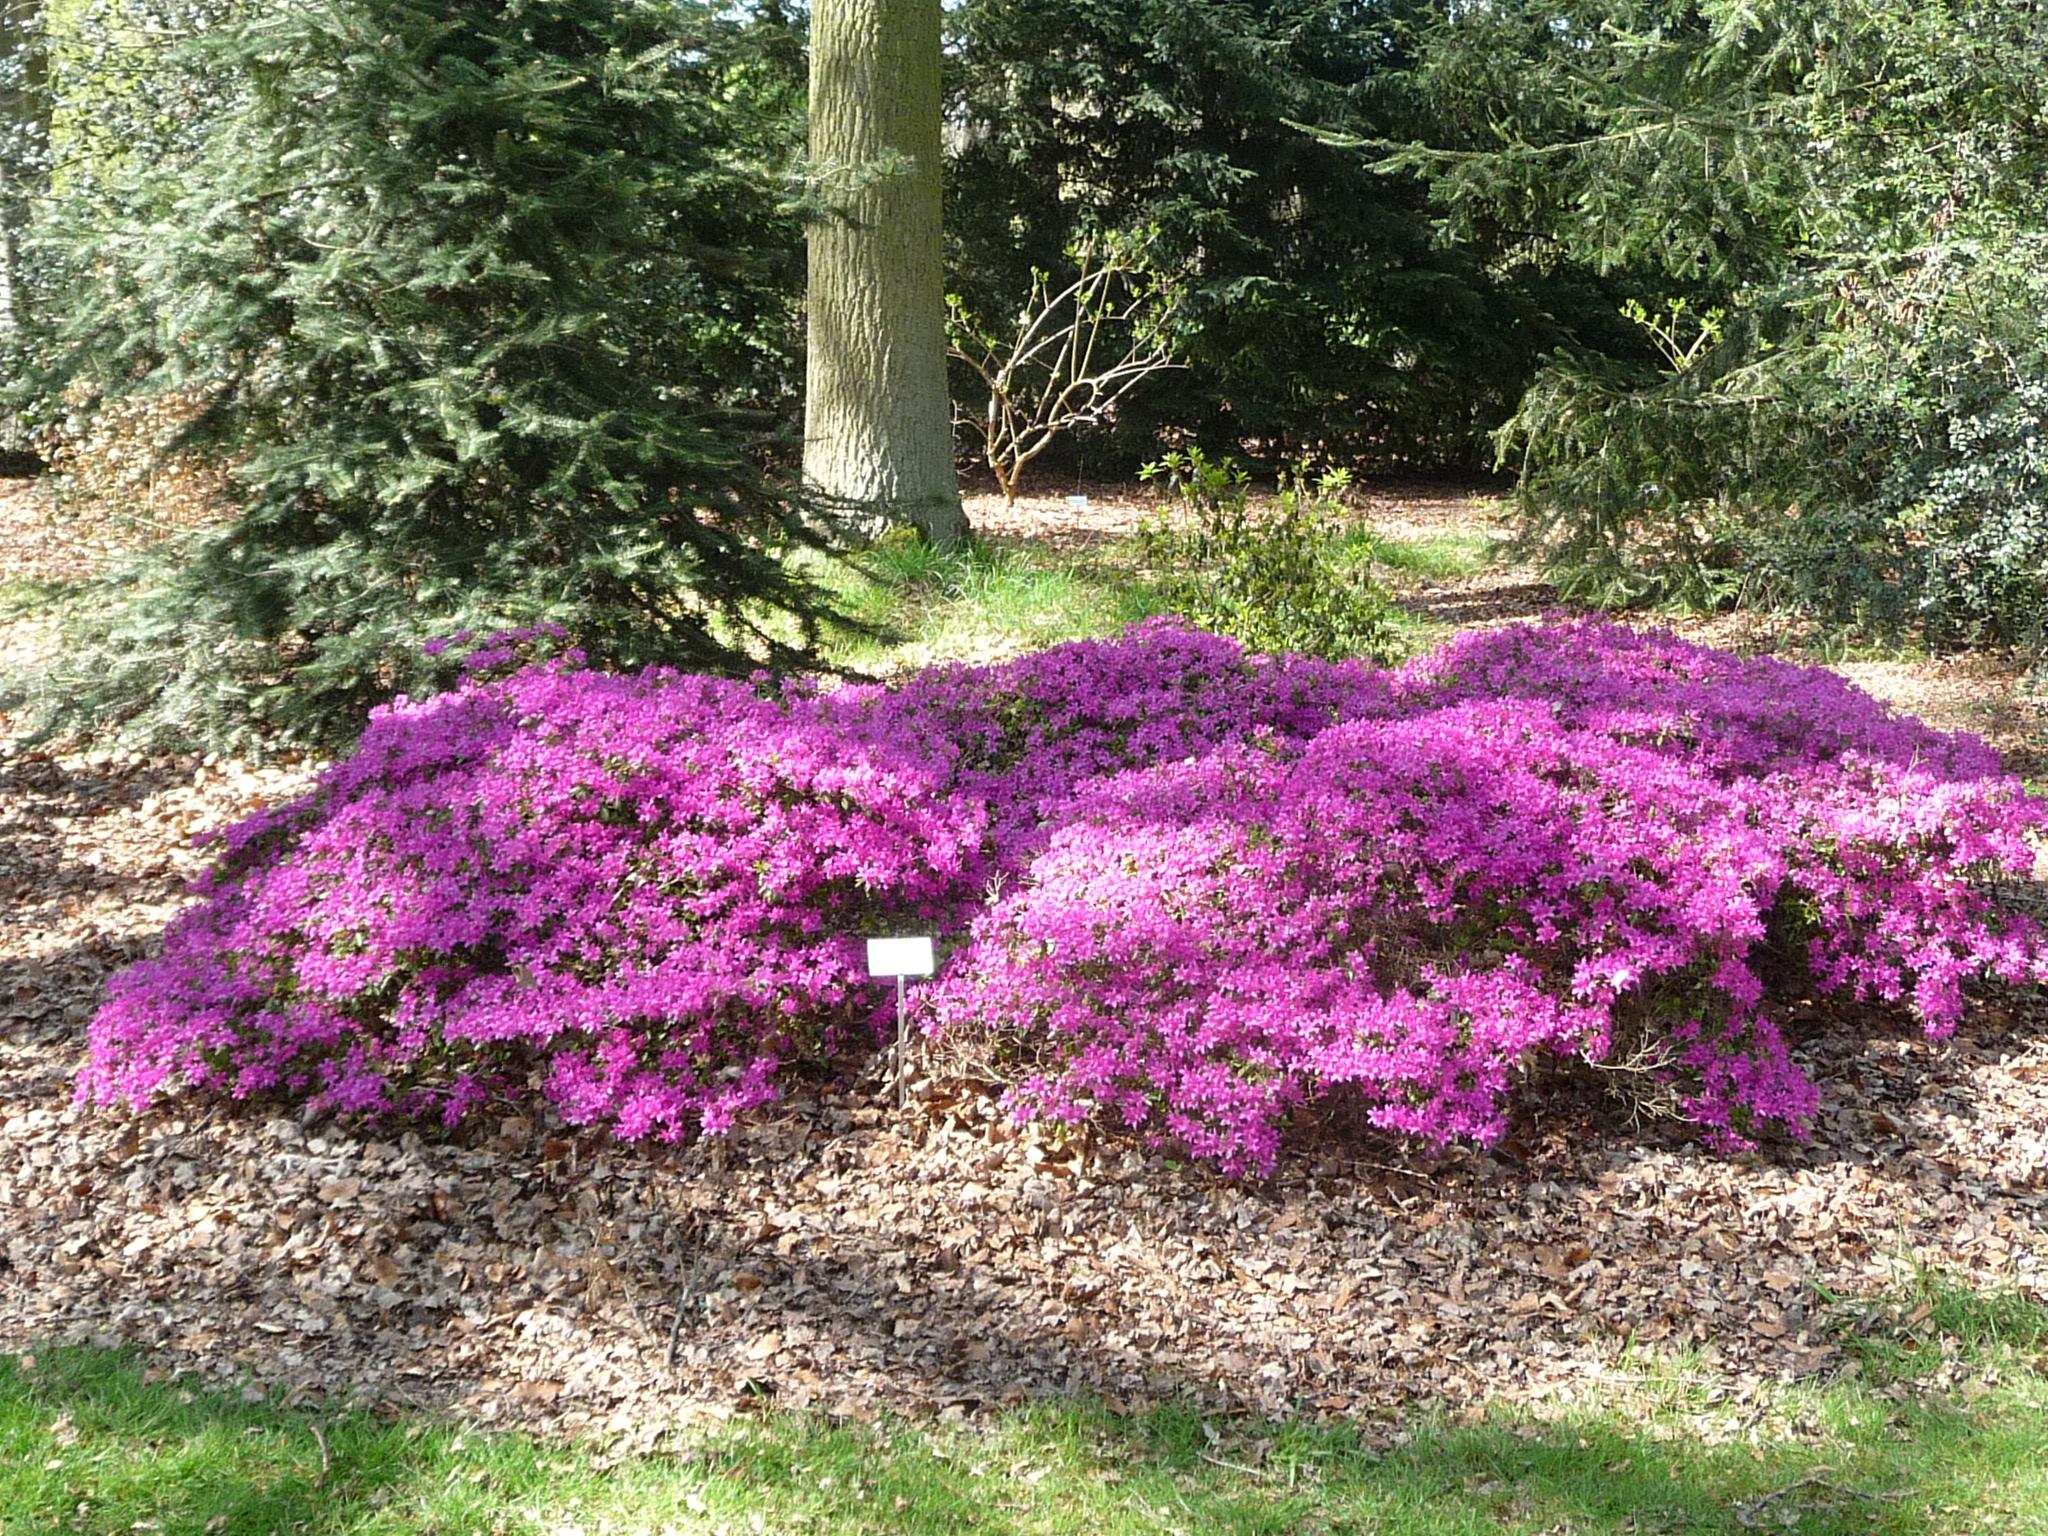 Visit Wespelaar and its arboretum